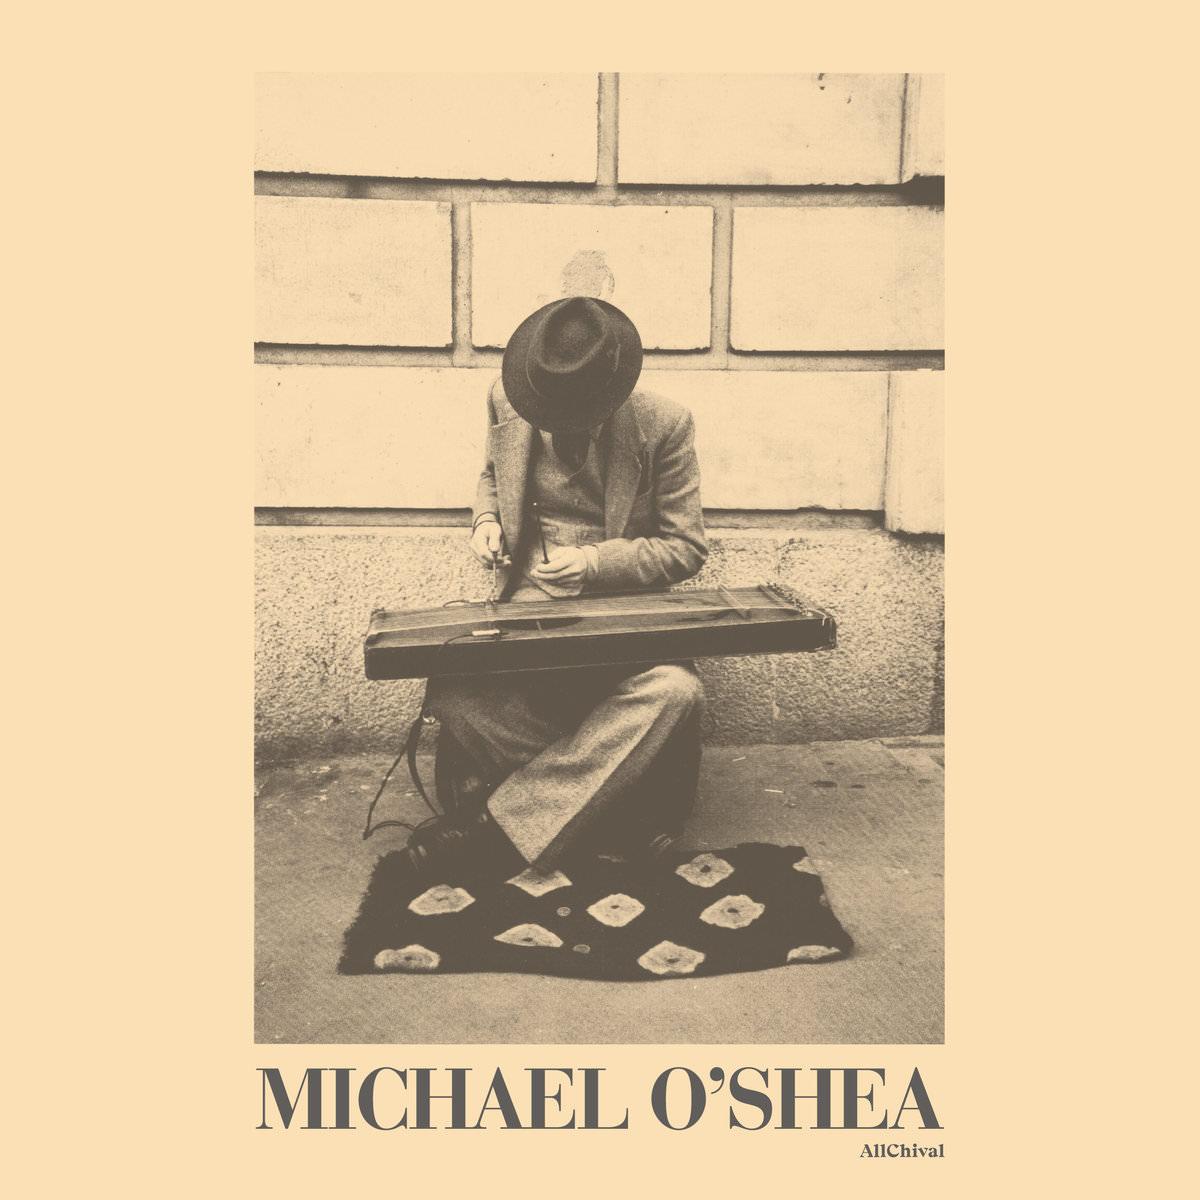 MICHAEL O'SHEA (LP)